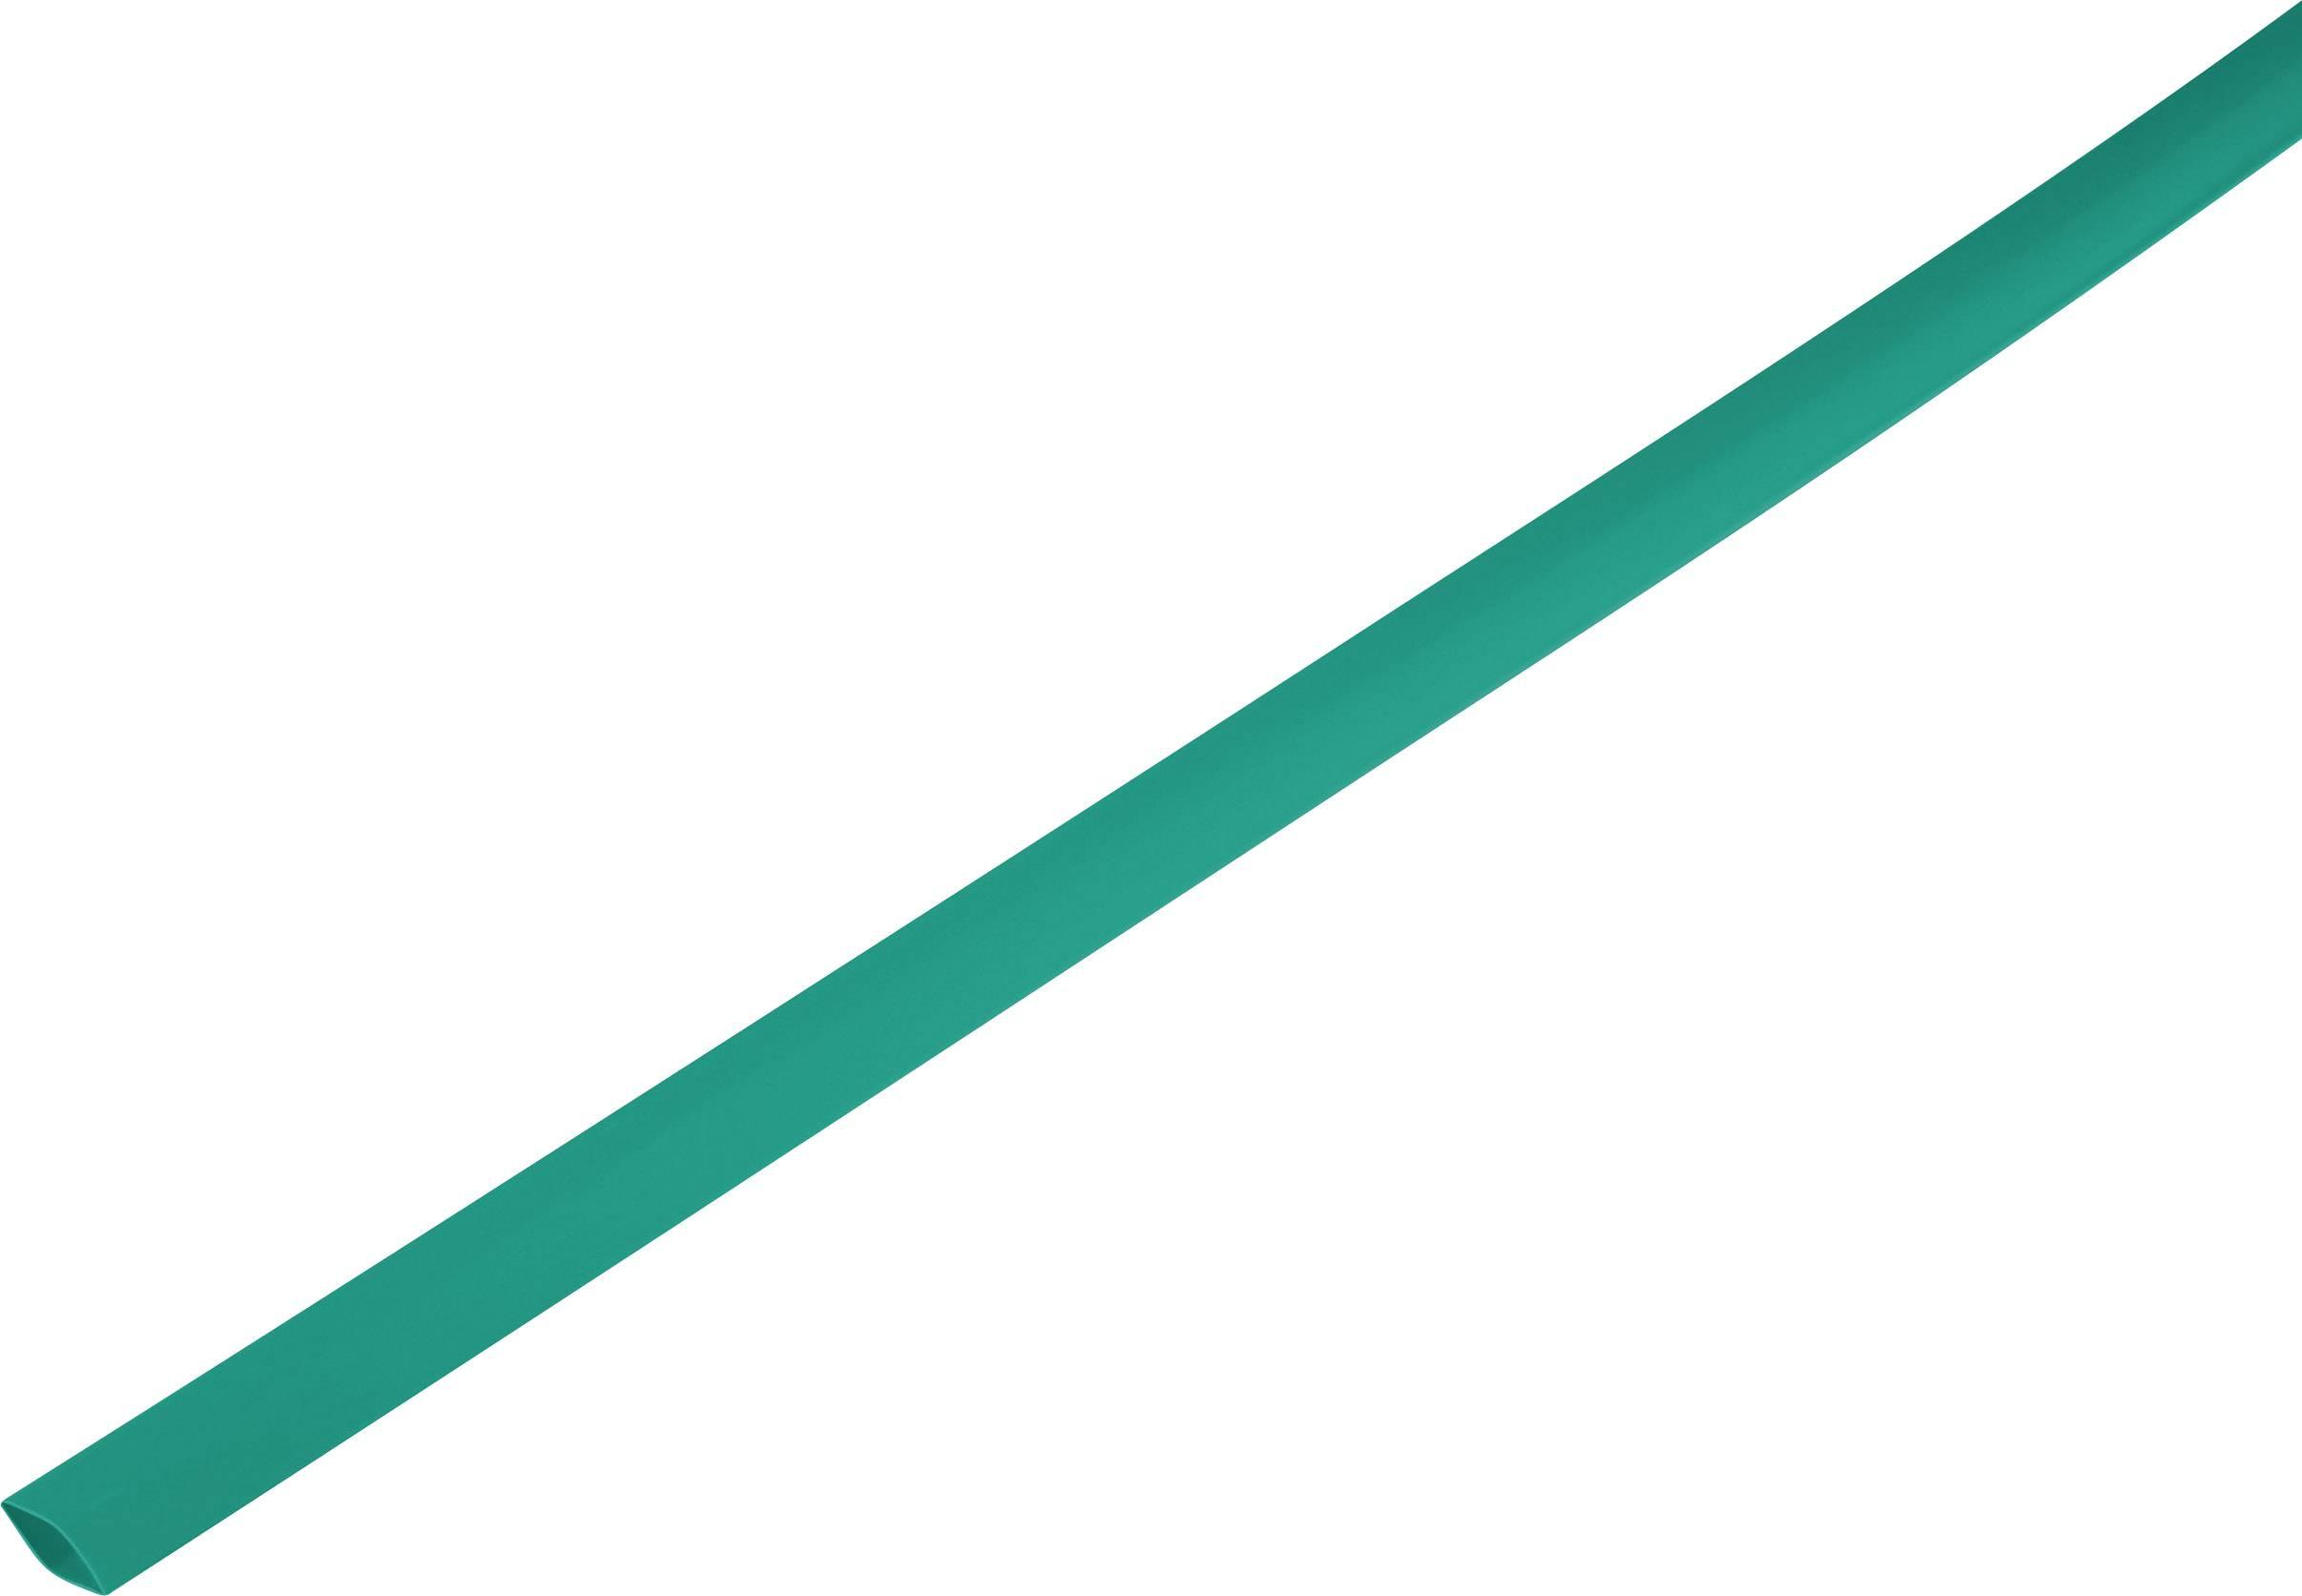 Zmršťovacia bužírka bez lepidla TRU COMPONENTS 1225415 4.50 mm, zelená, metrový tovar